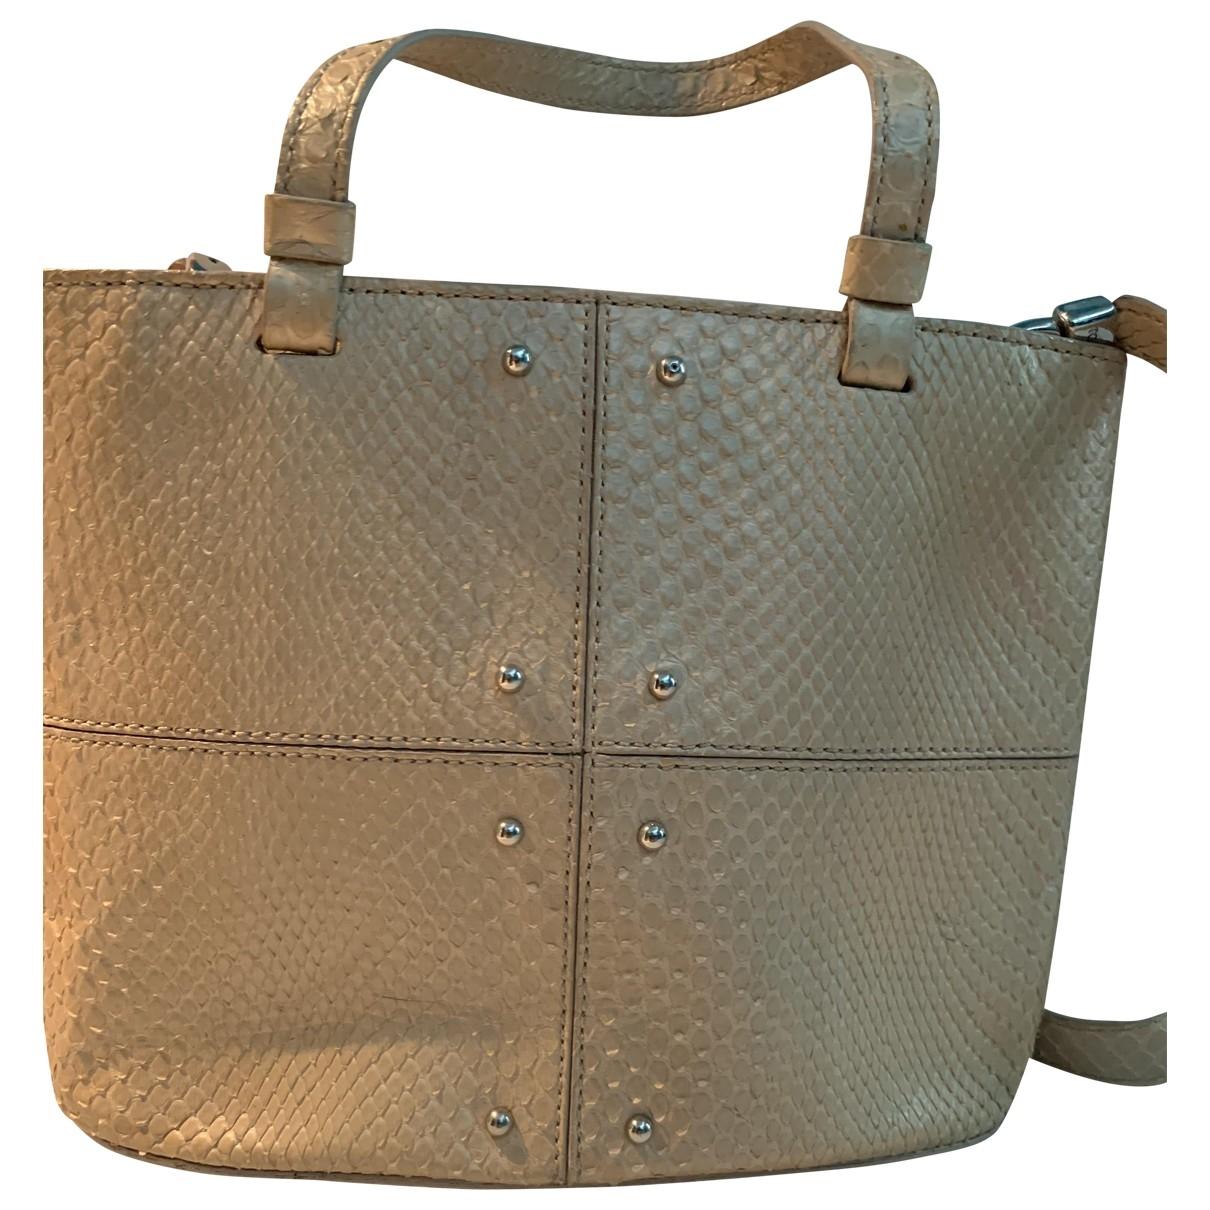 Tods \N Handtasche in  Beige Python